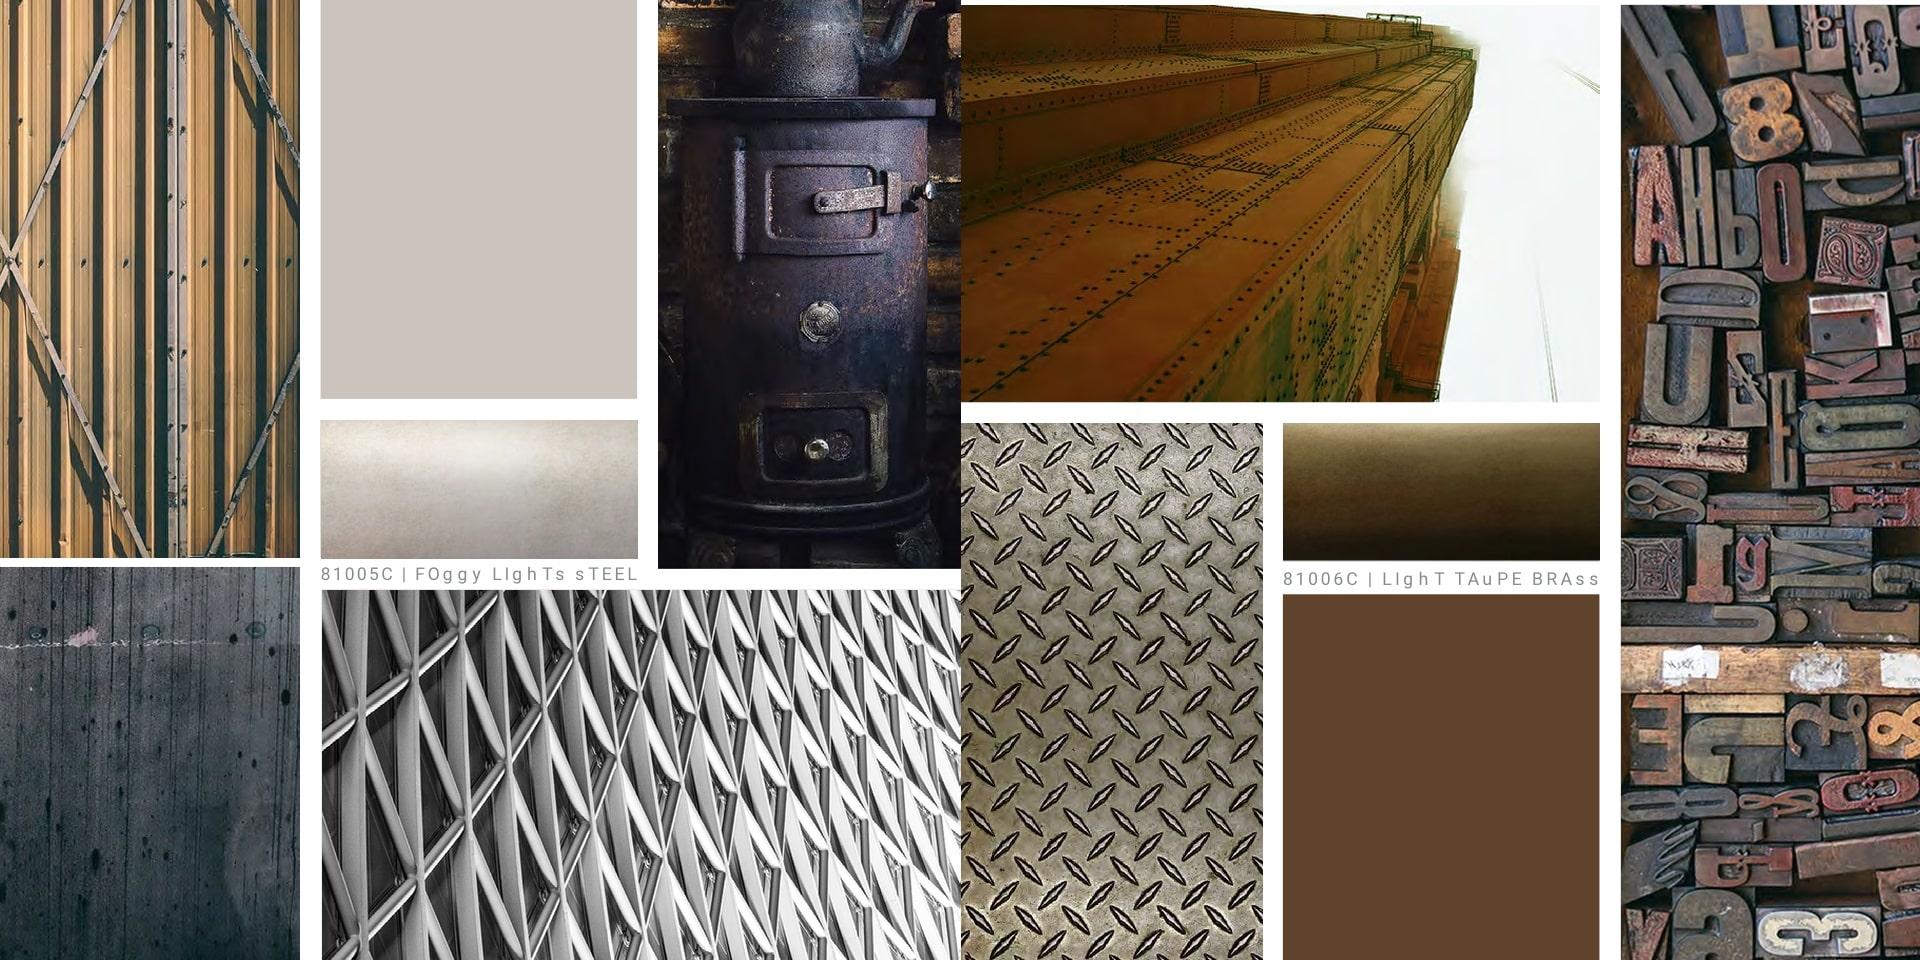 Catalogo variazioni metalliche, pagina 3